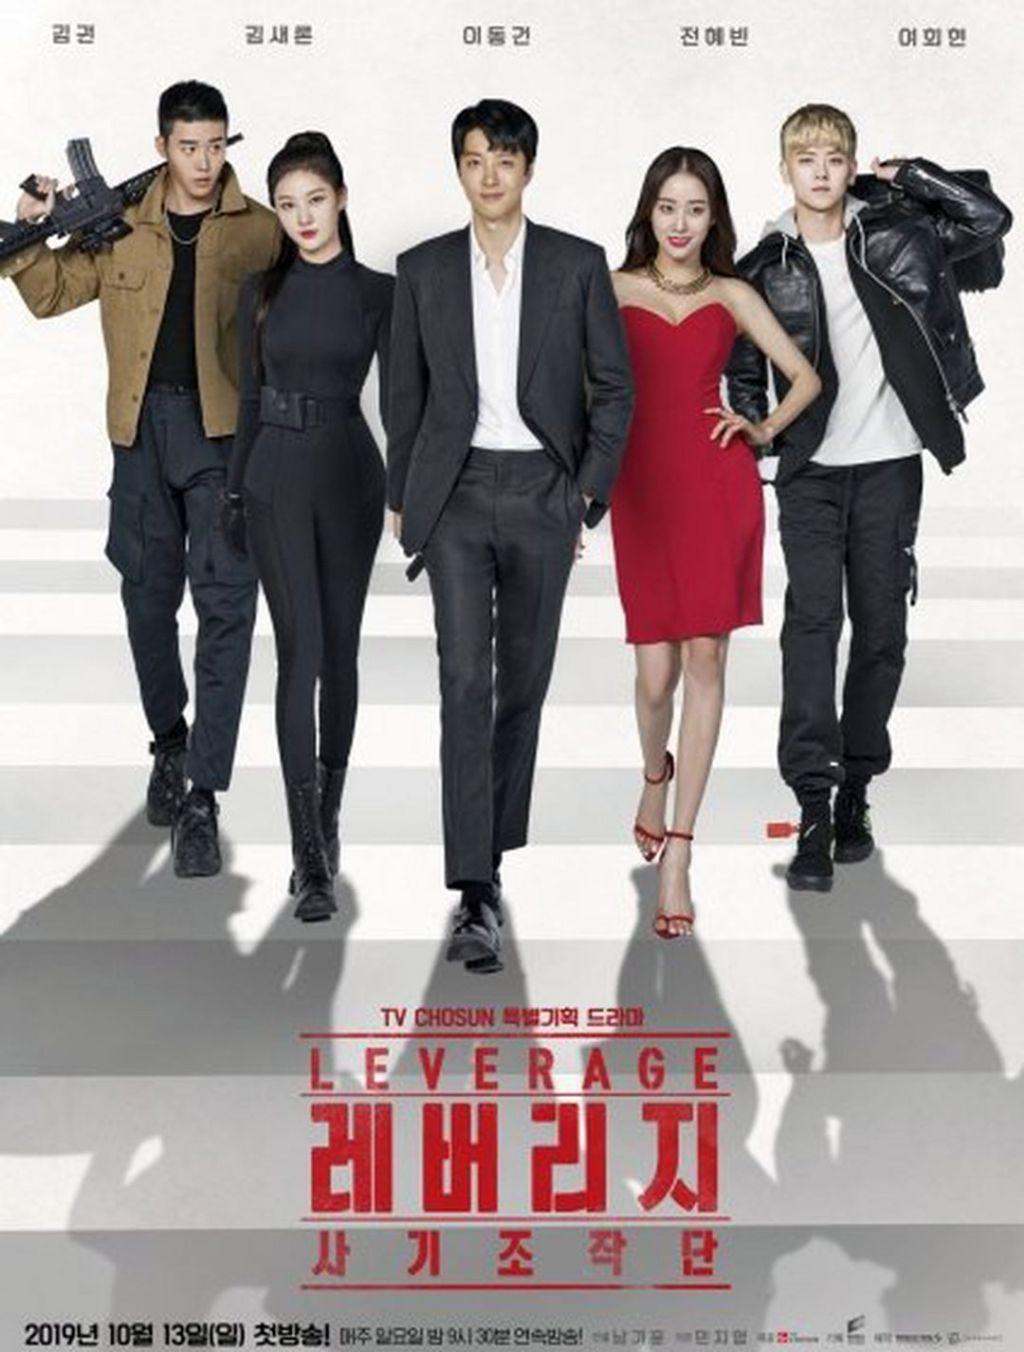 Sinopsis Dan Profil Lengkap Pemeran K-Drama Leverage (2019)